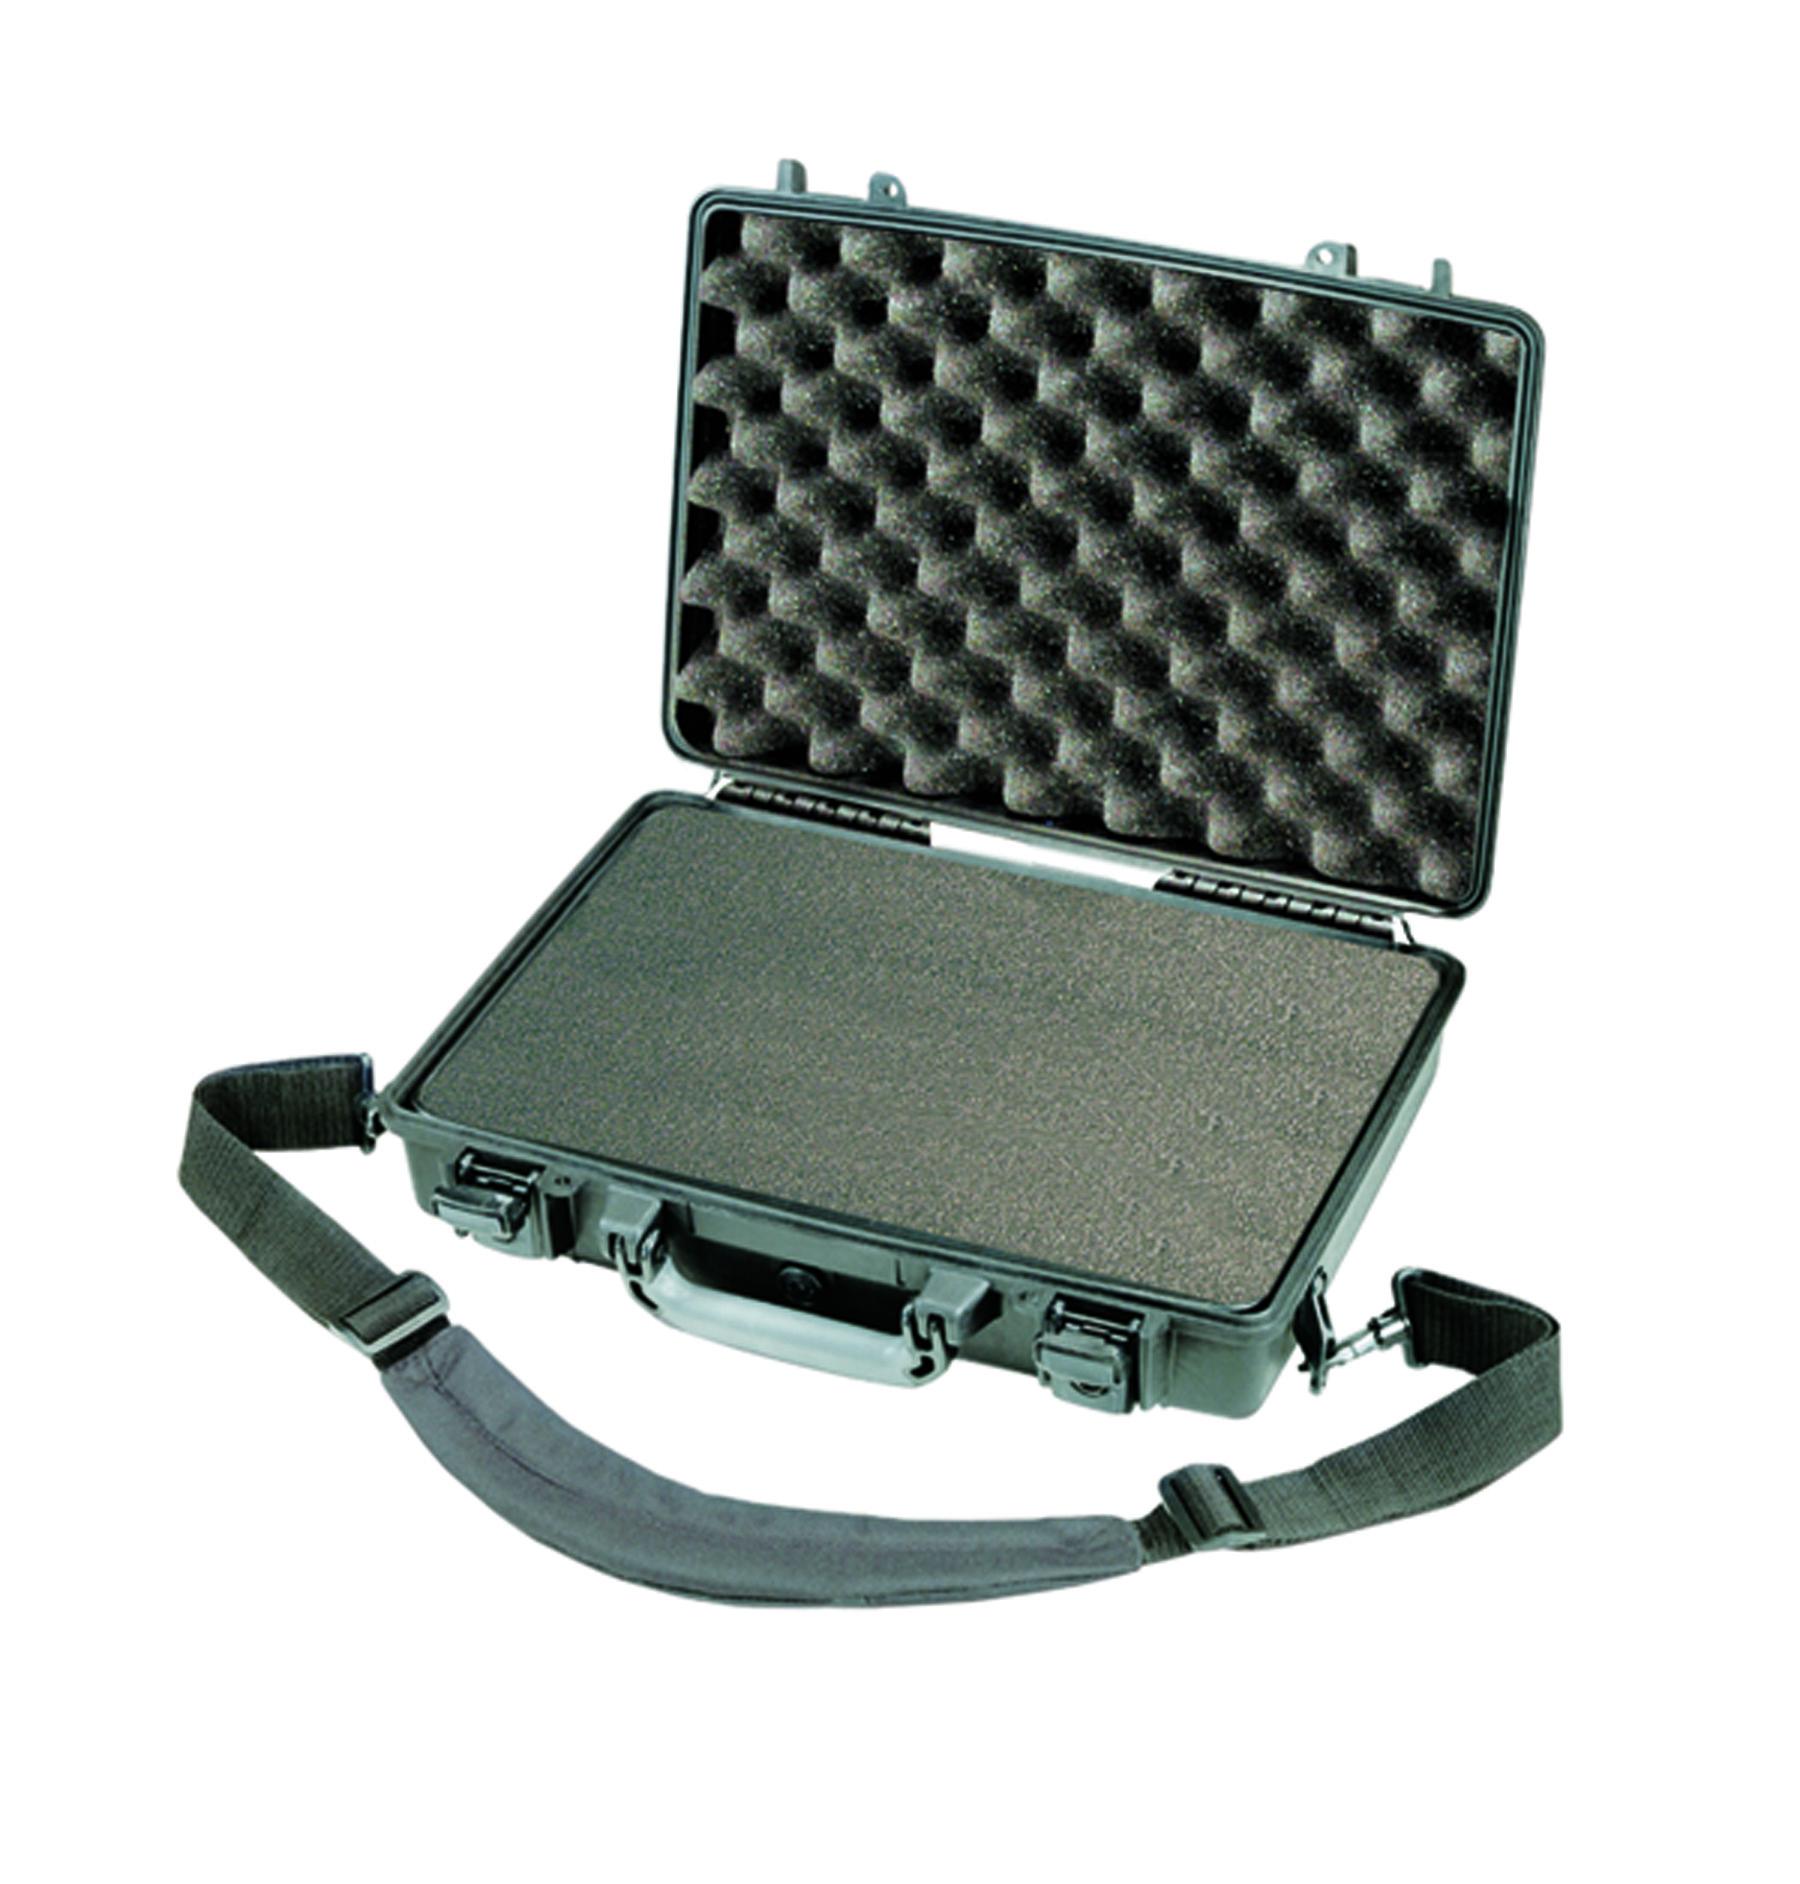 1470 - Pelican 1470 Pelican Laptop Case